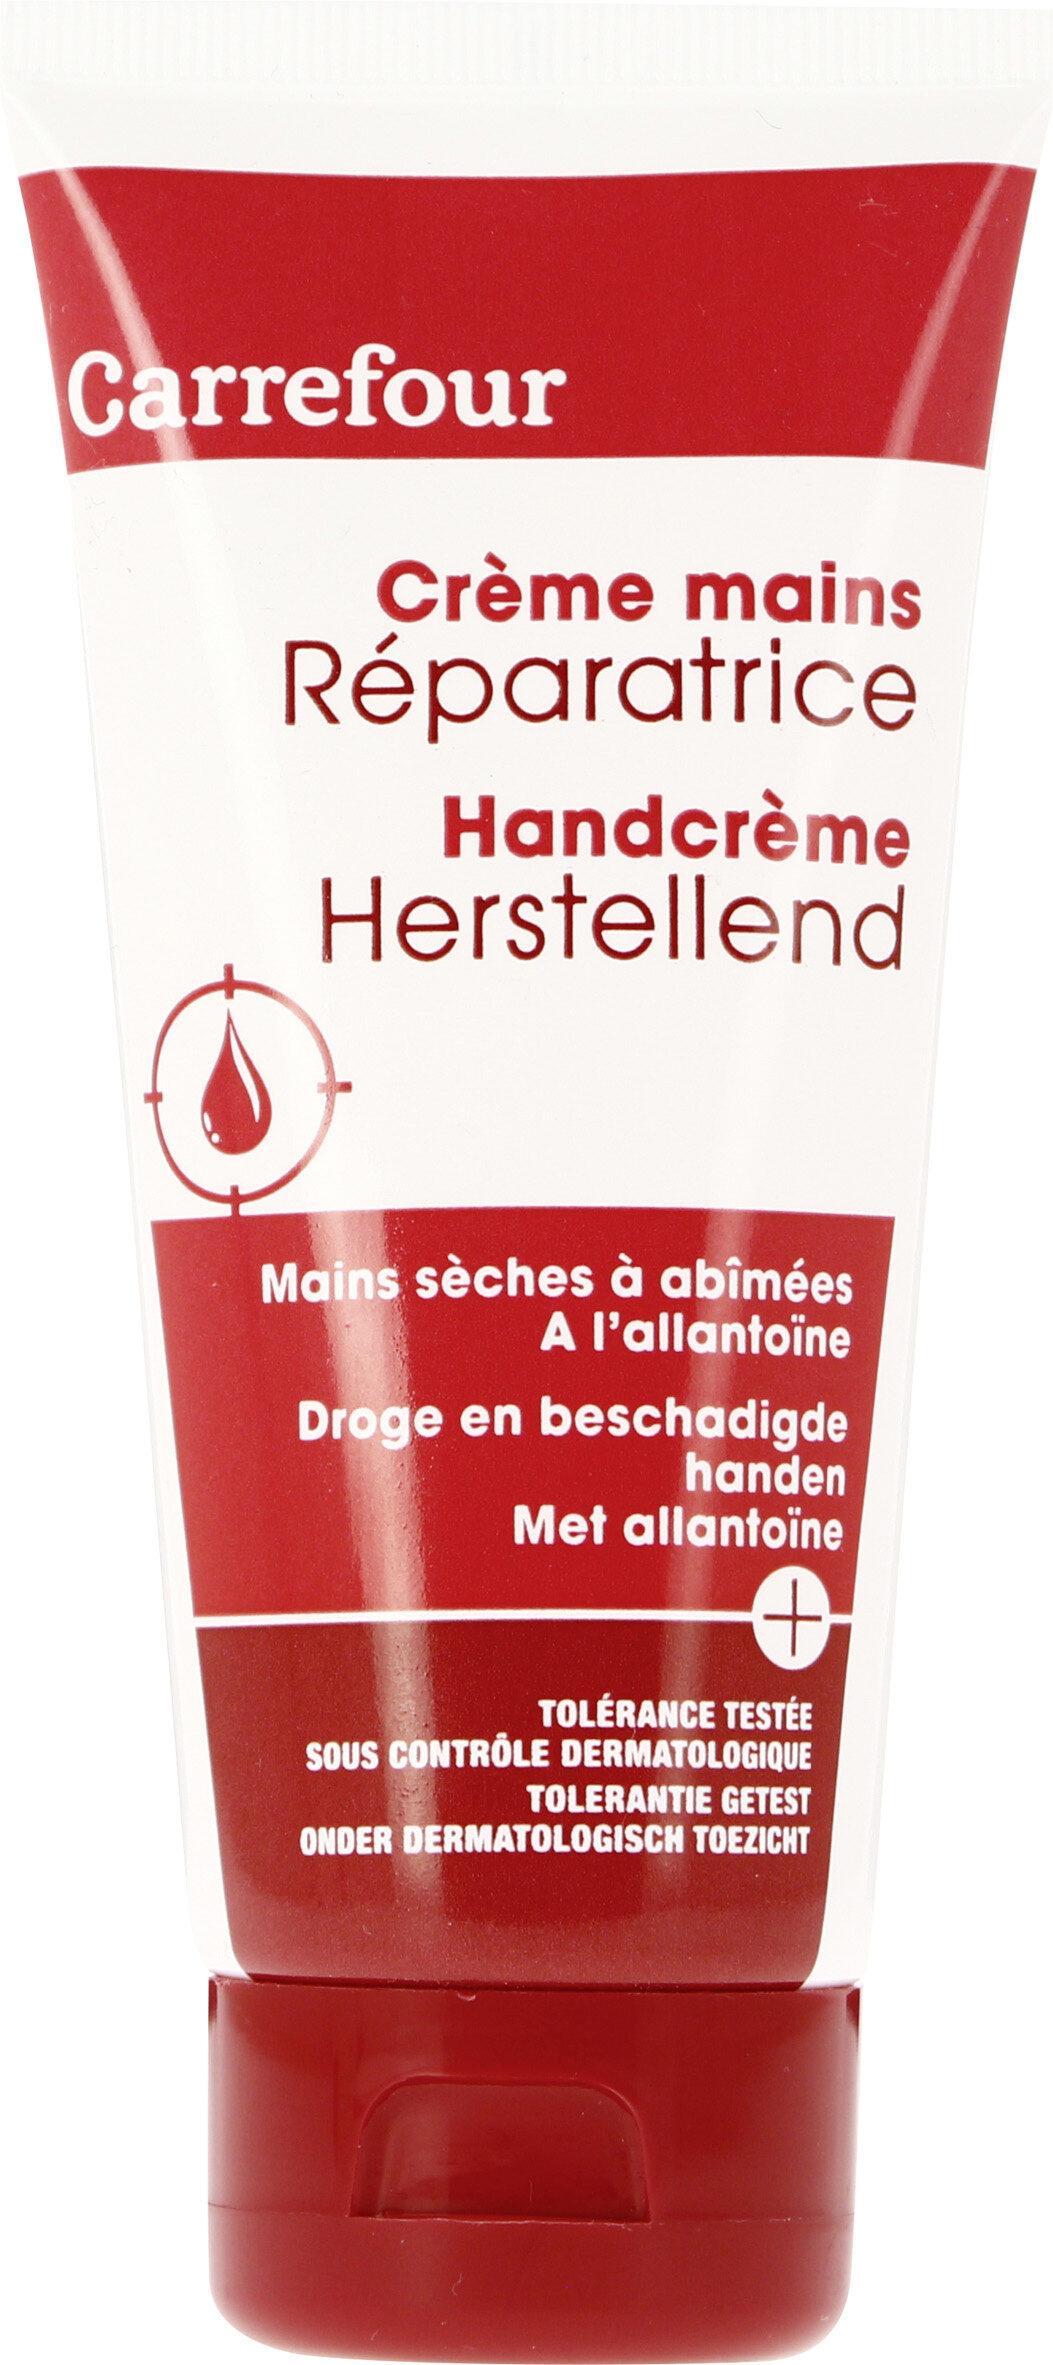 Creme mains réparatrice - Produit - fr